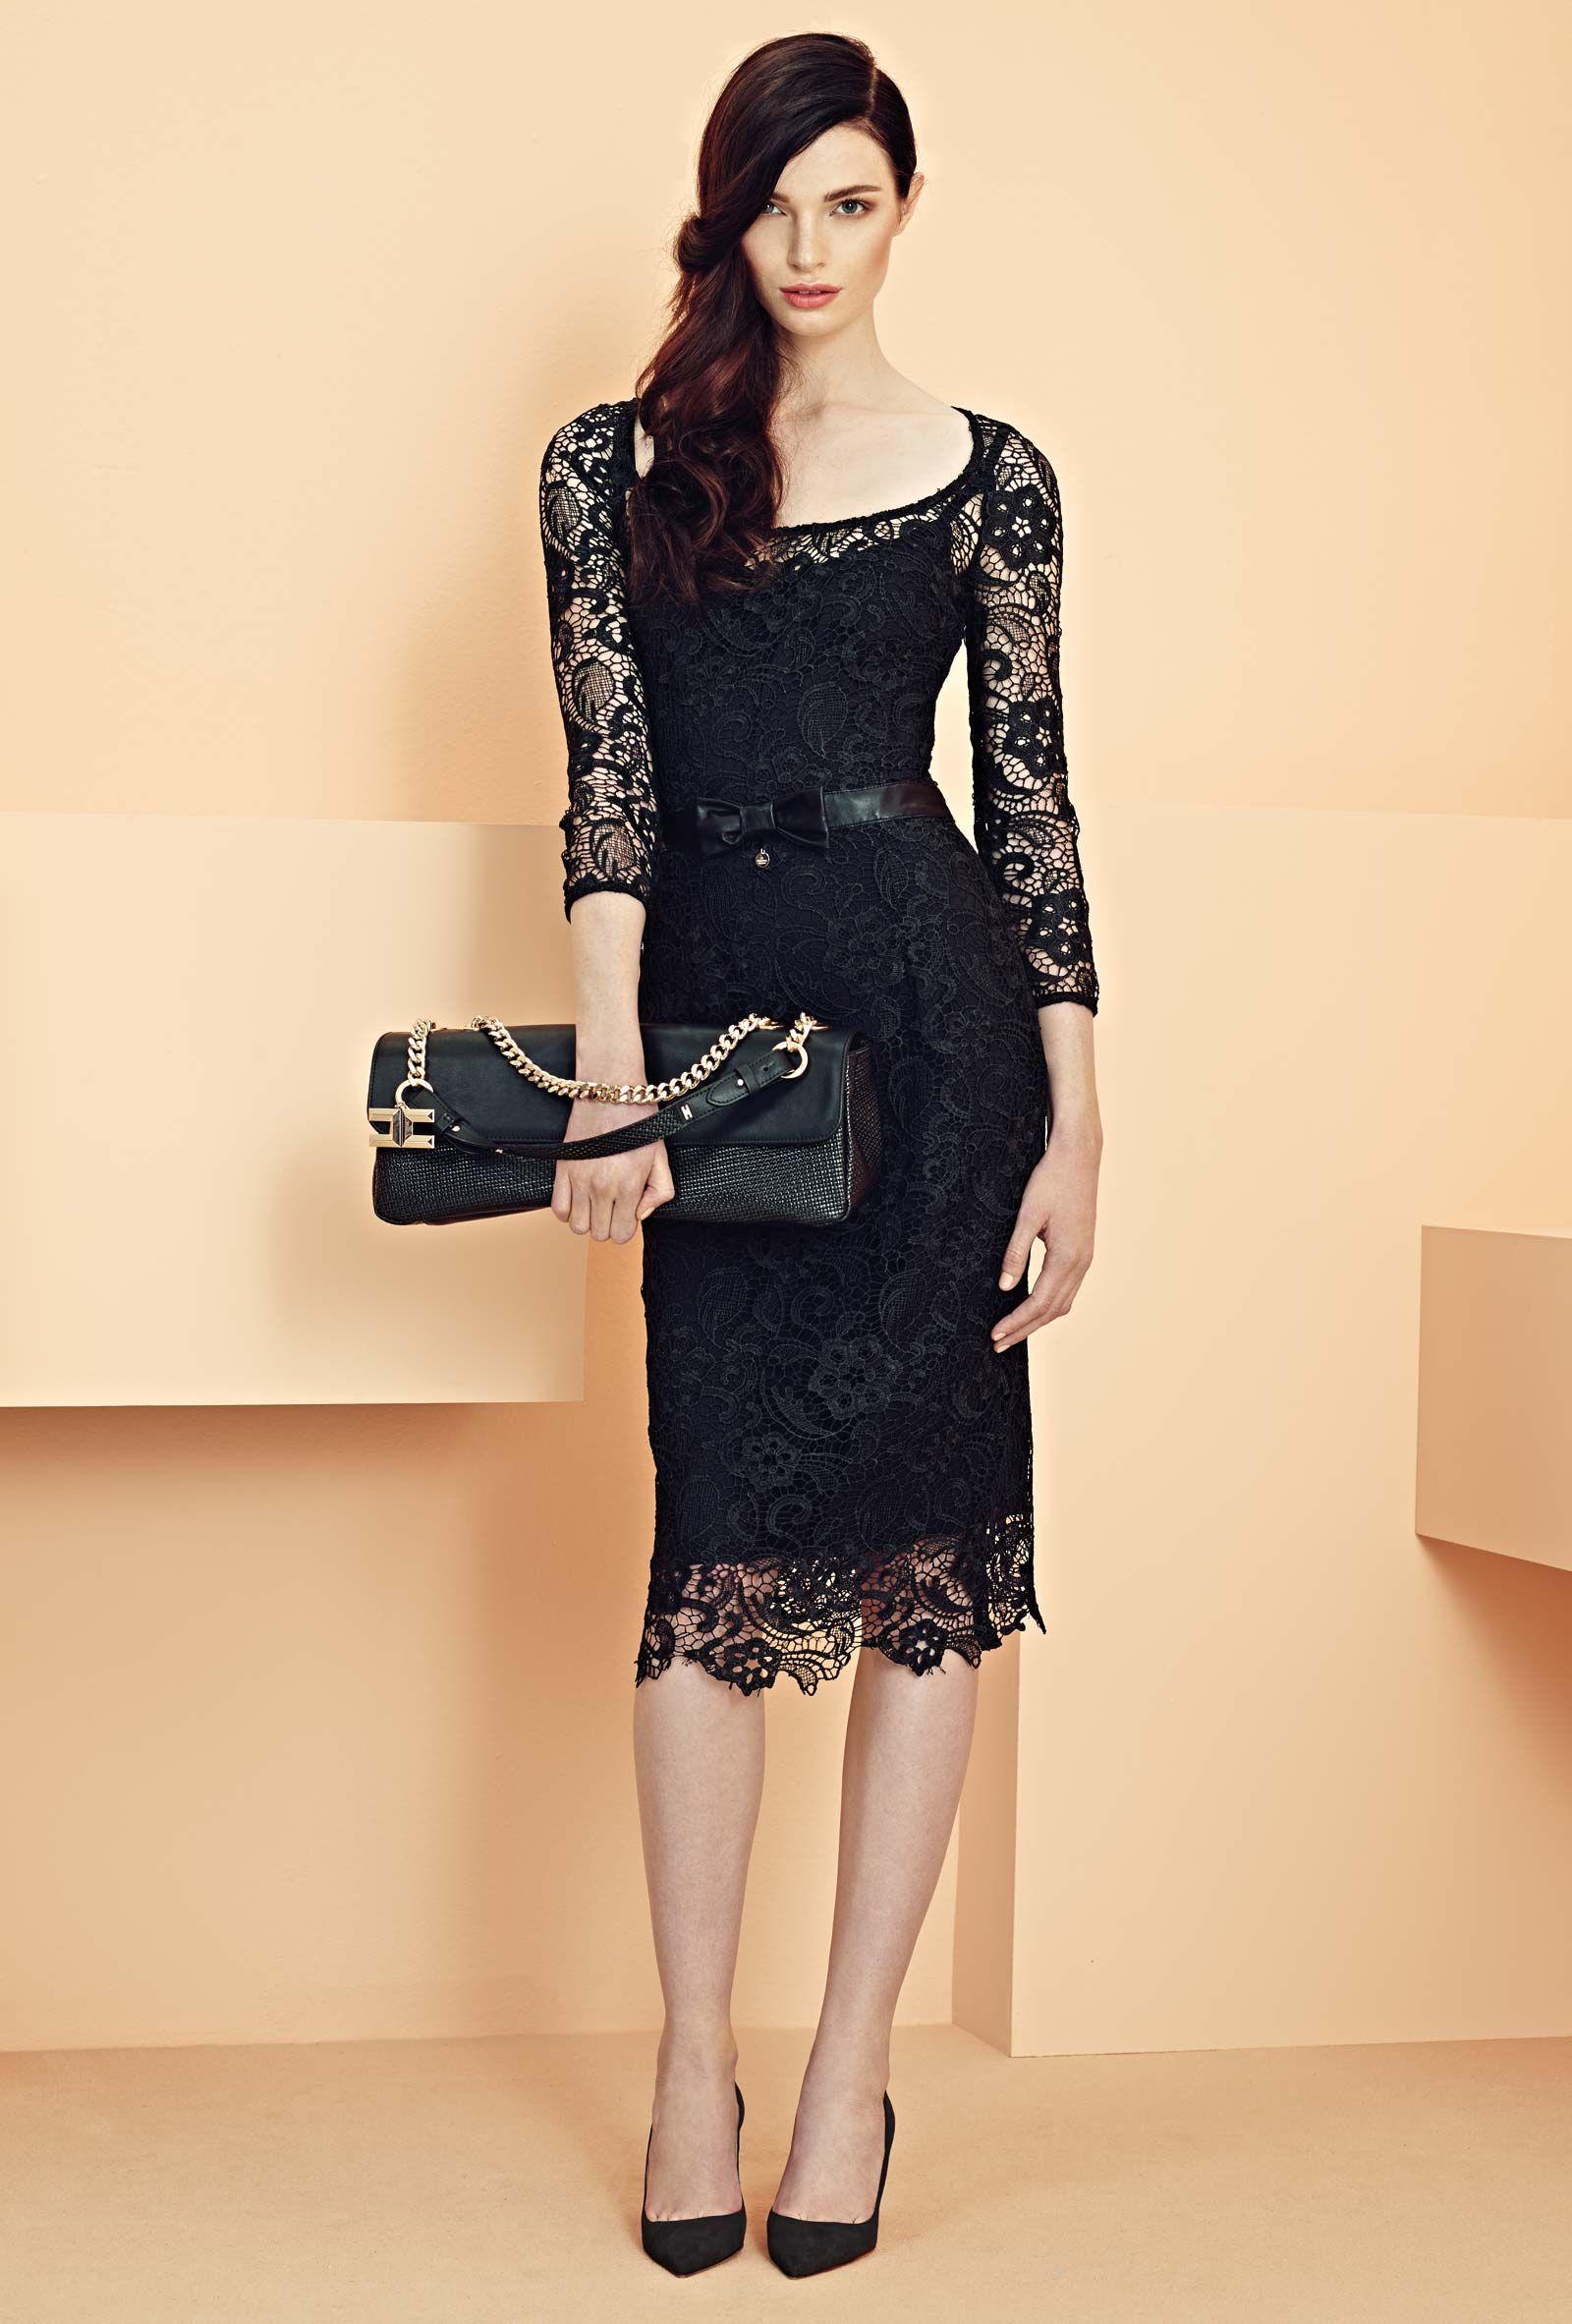 23+ Short black lace dress ideas ideas in 2021